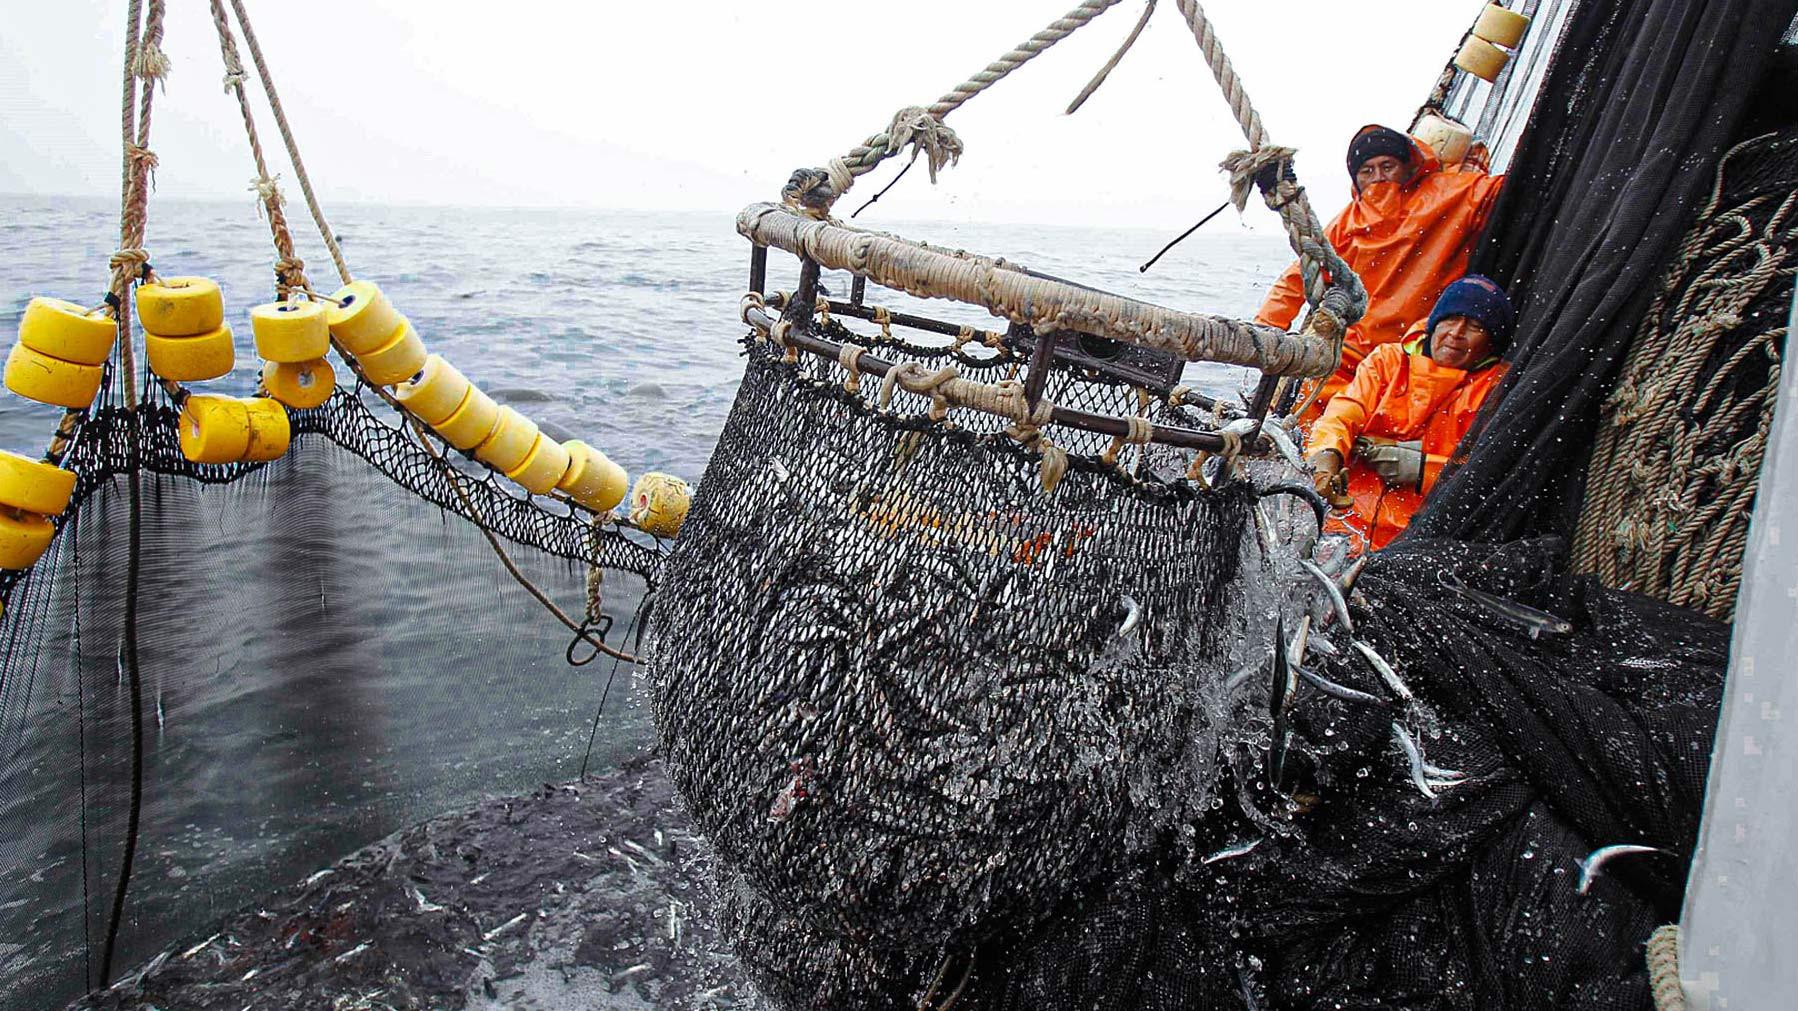 2020-el-mal-desempeno-de-la-segunda-temporada-de-pesca-obliga-las-pesqueras-a-retrasar-inversiones